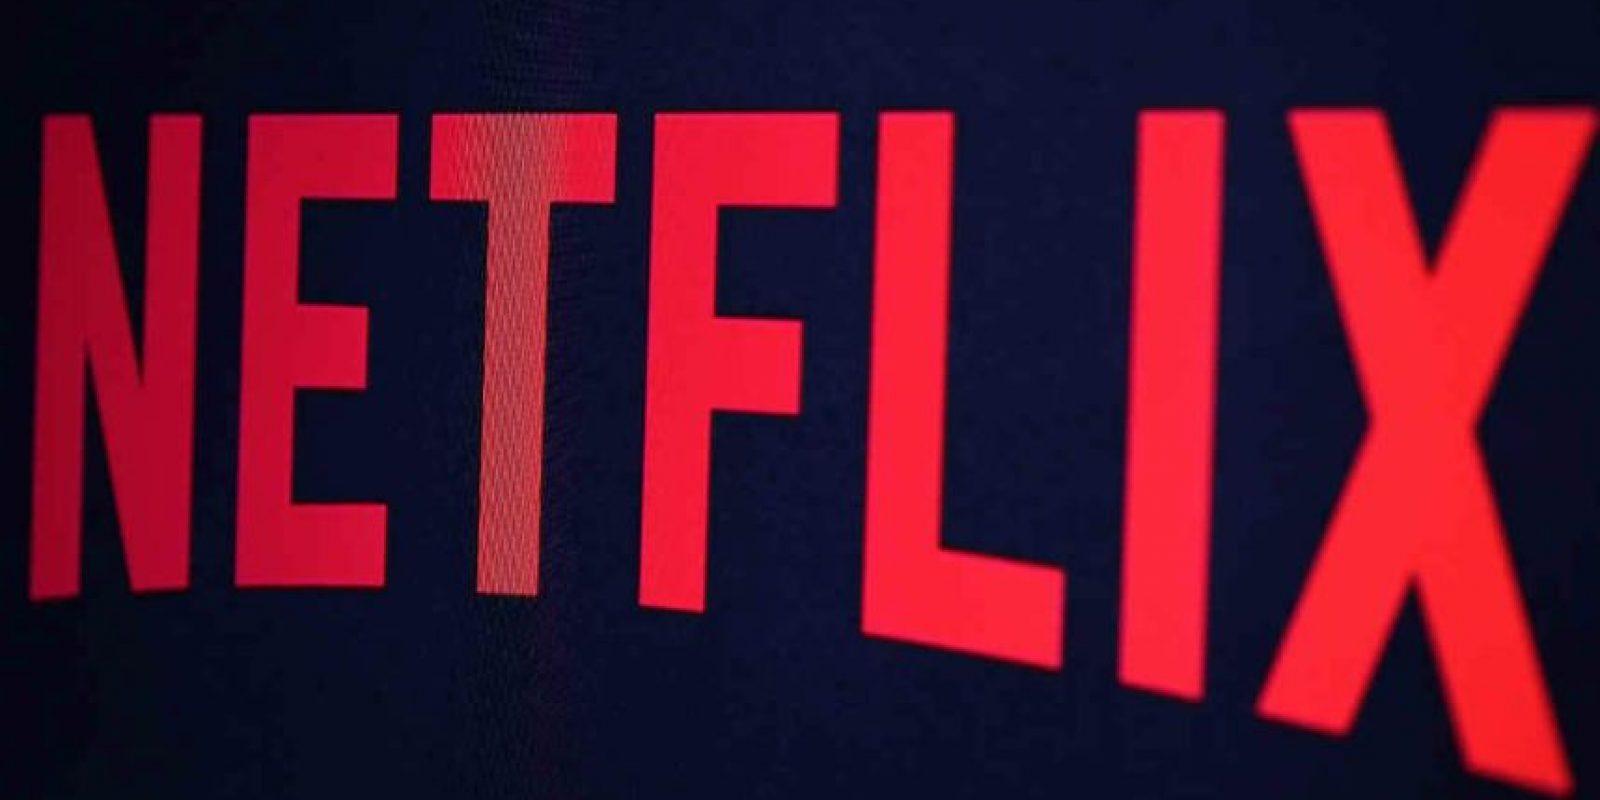 Blockbuster rechazó comprar Netflix por 50 millones de dólares. Hoy vale 20 mil millones de dólares. Foto:Getty Images